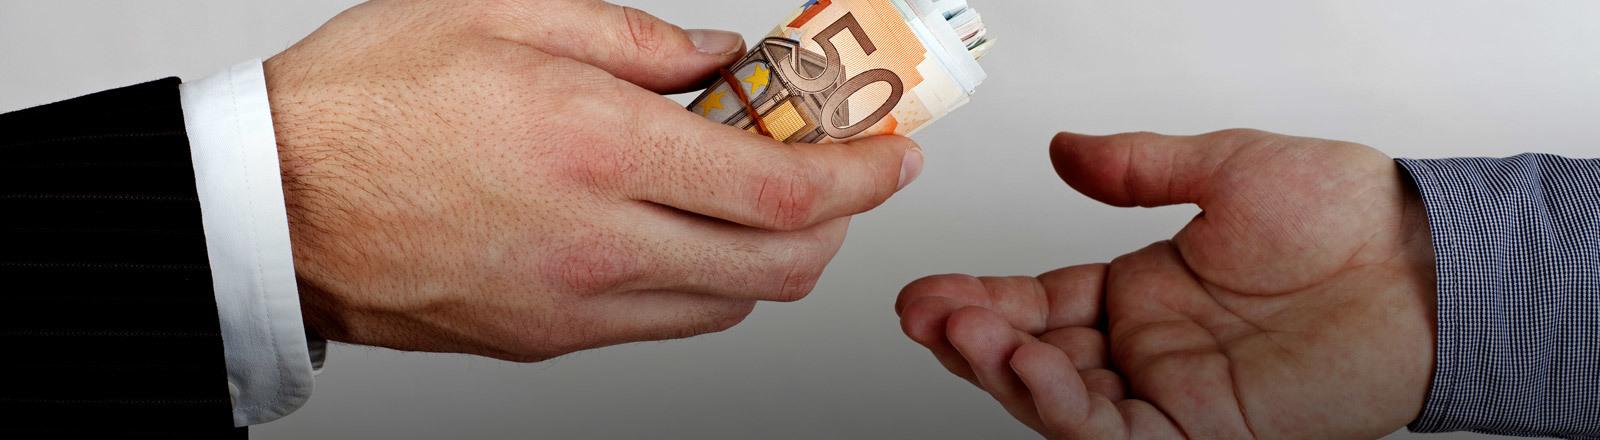 Eine Hand überreicht einer anderen Hand Geldscheine